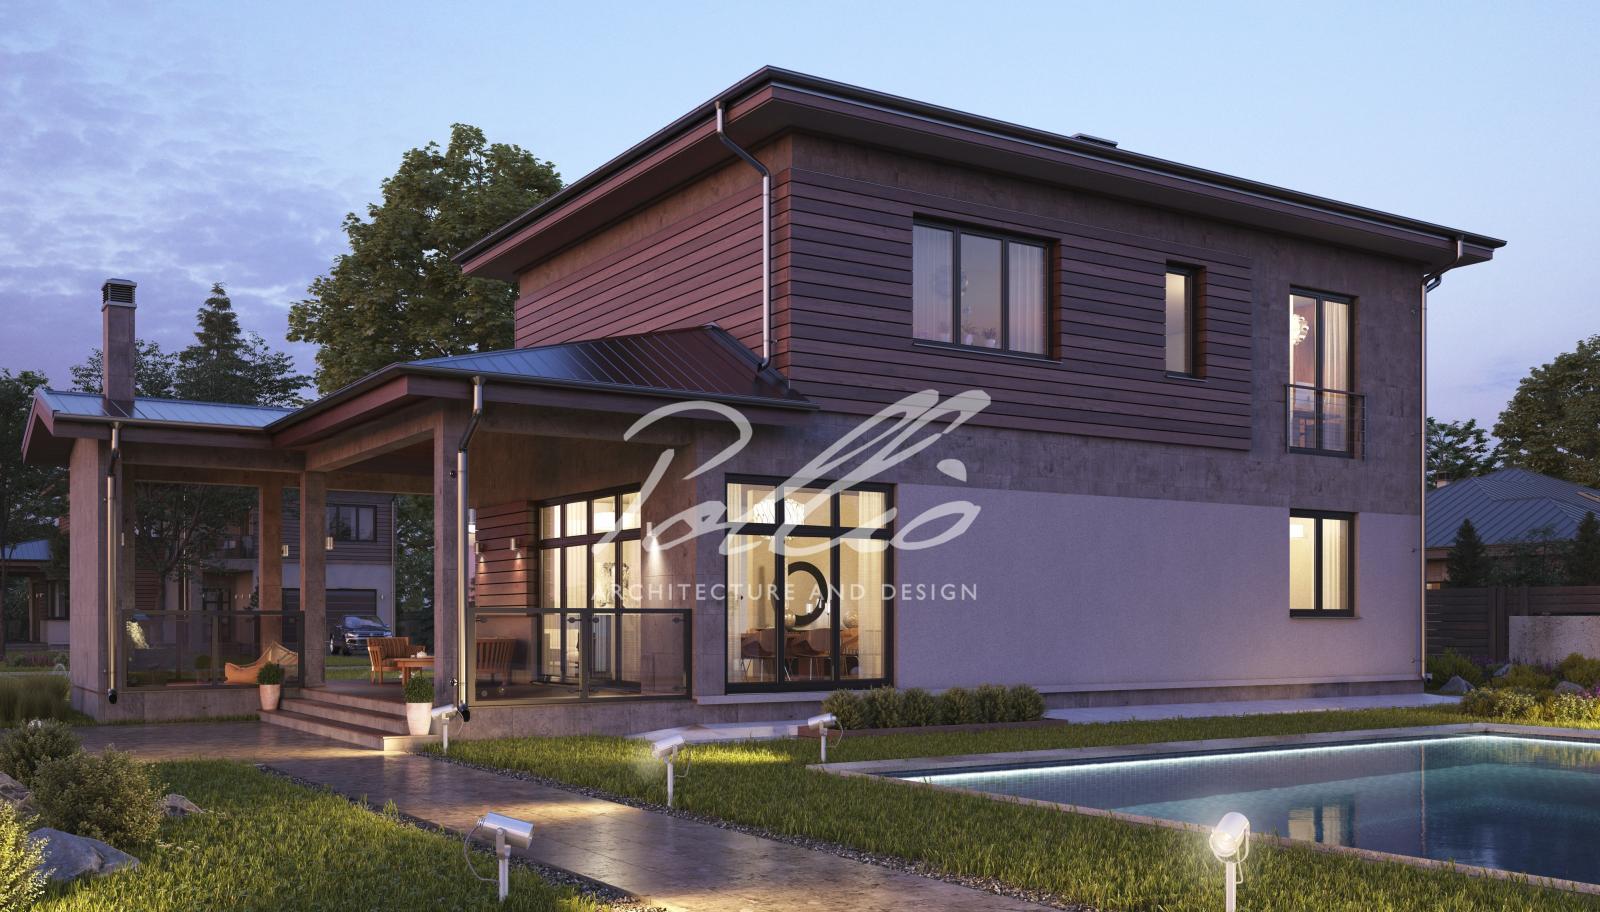 X4a Классический двухэтажный дом фото 4